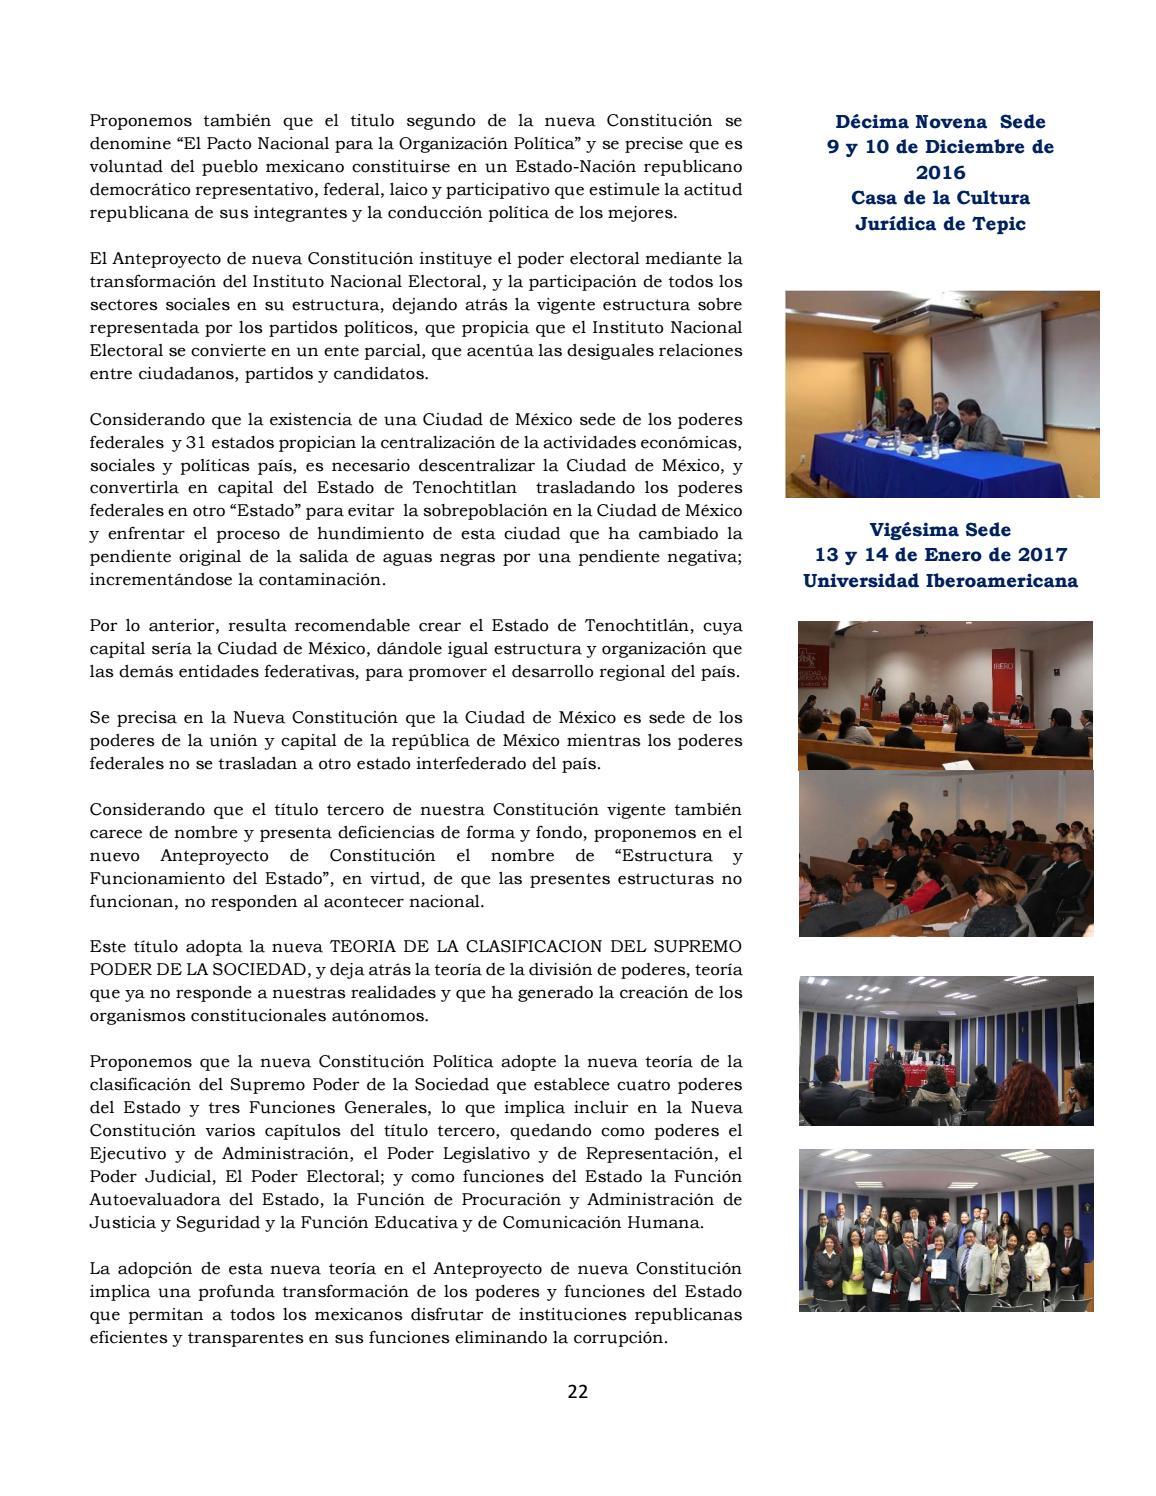 Anteproyecto De Nueva Constitucion Politica De Mexico By